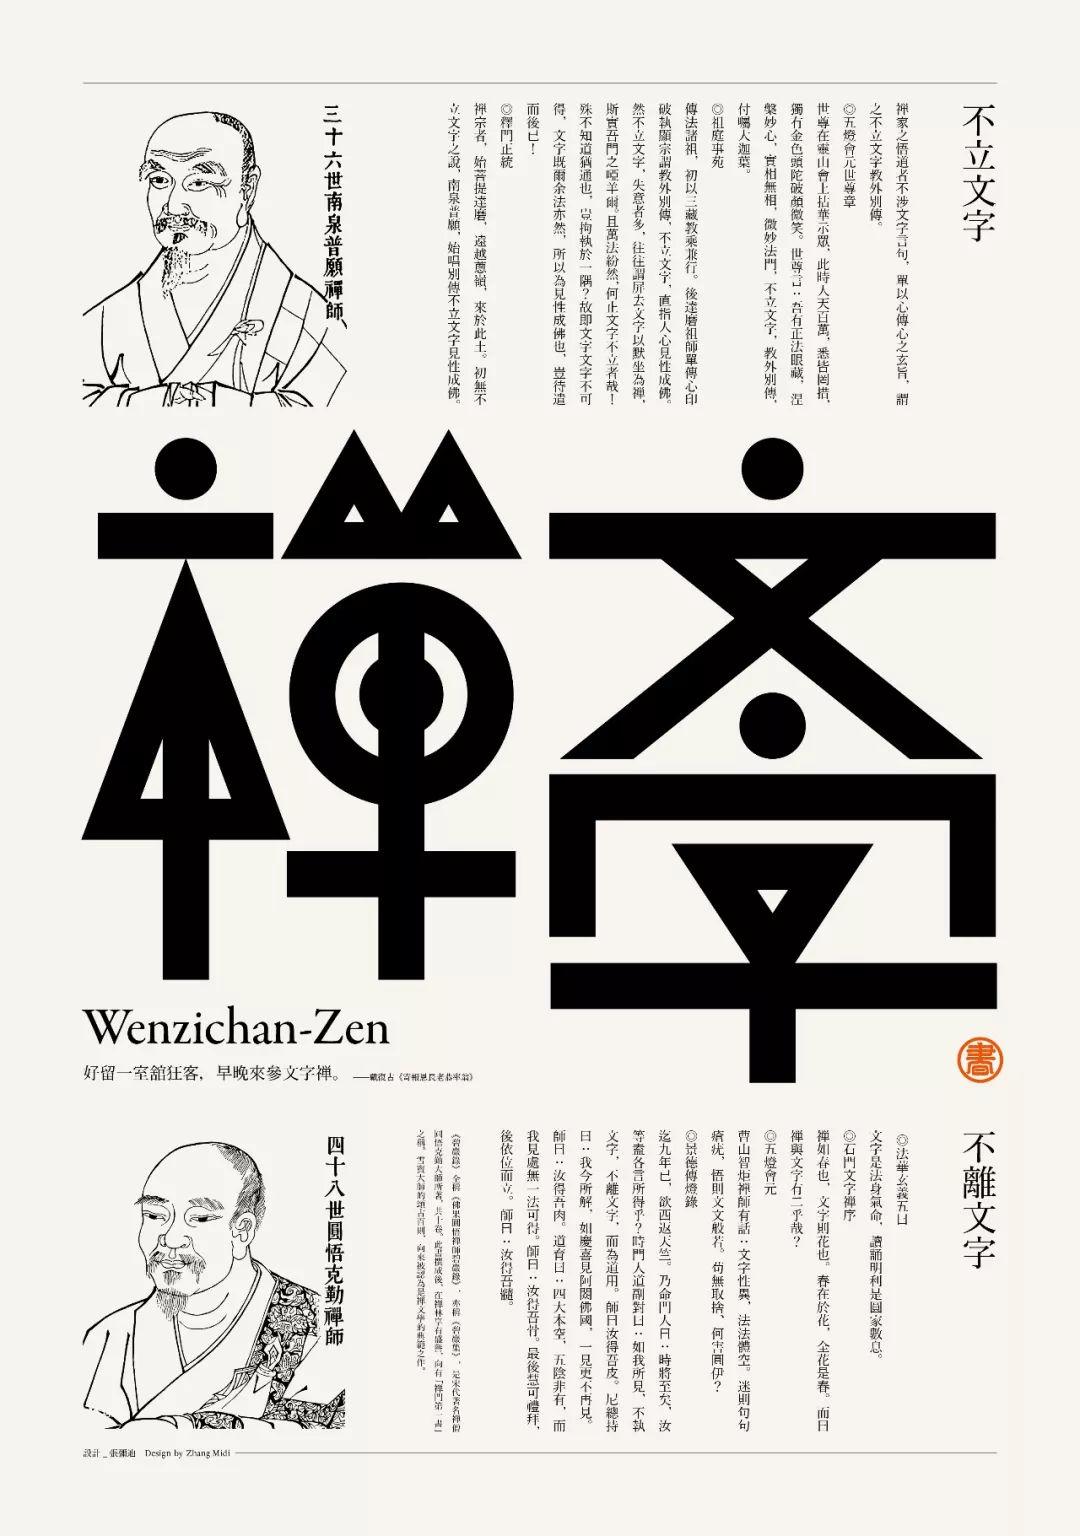 笔墨禅系列海报,汉字可以如许美!